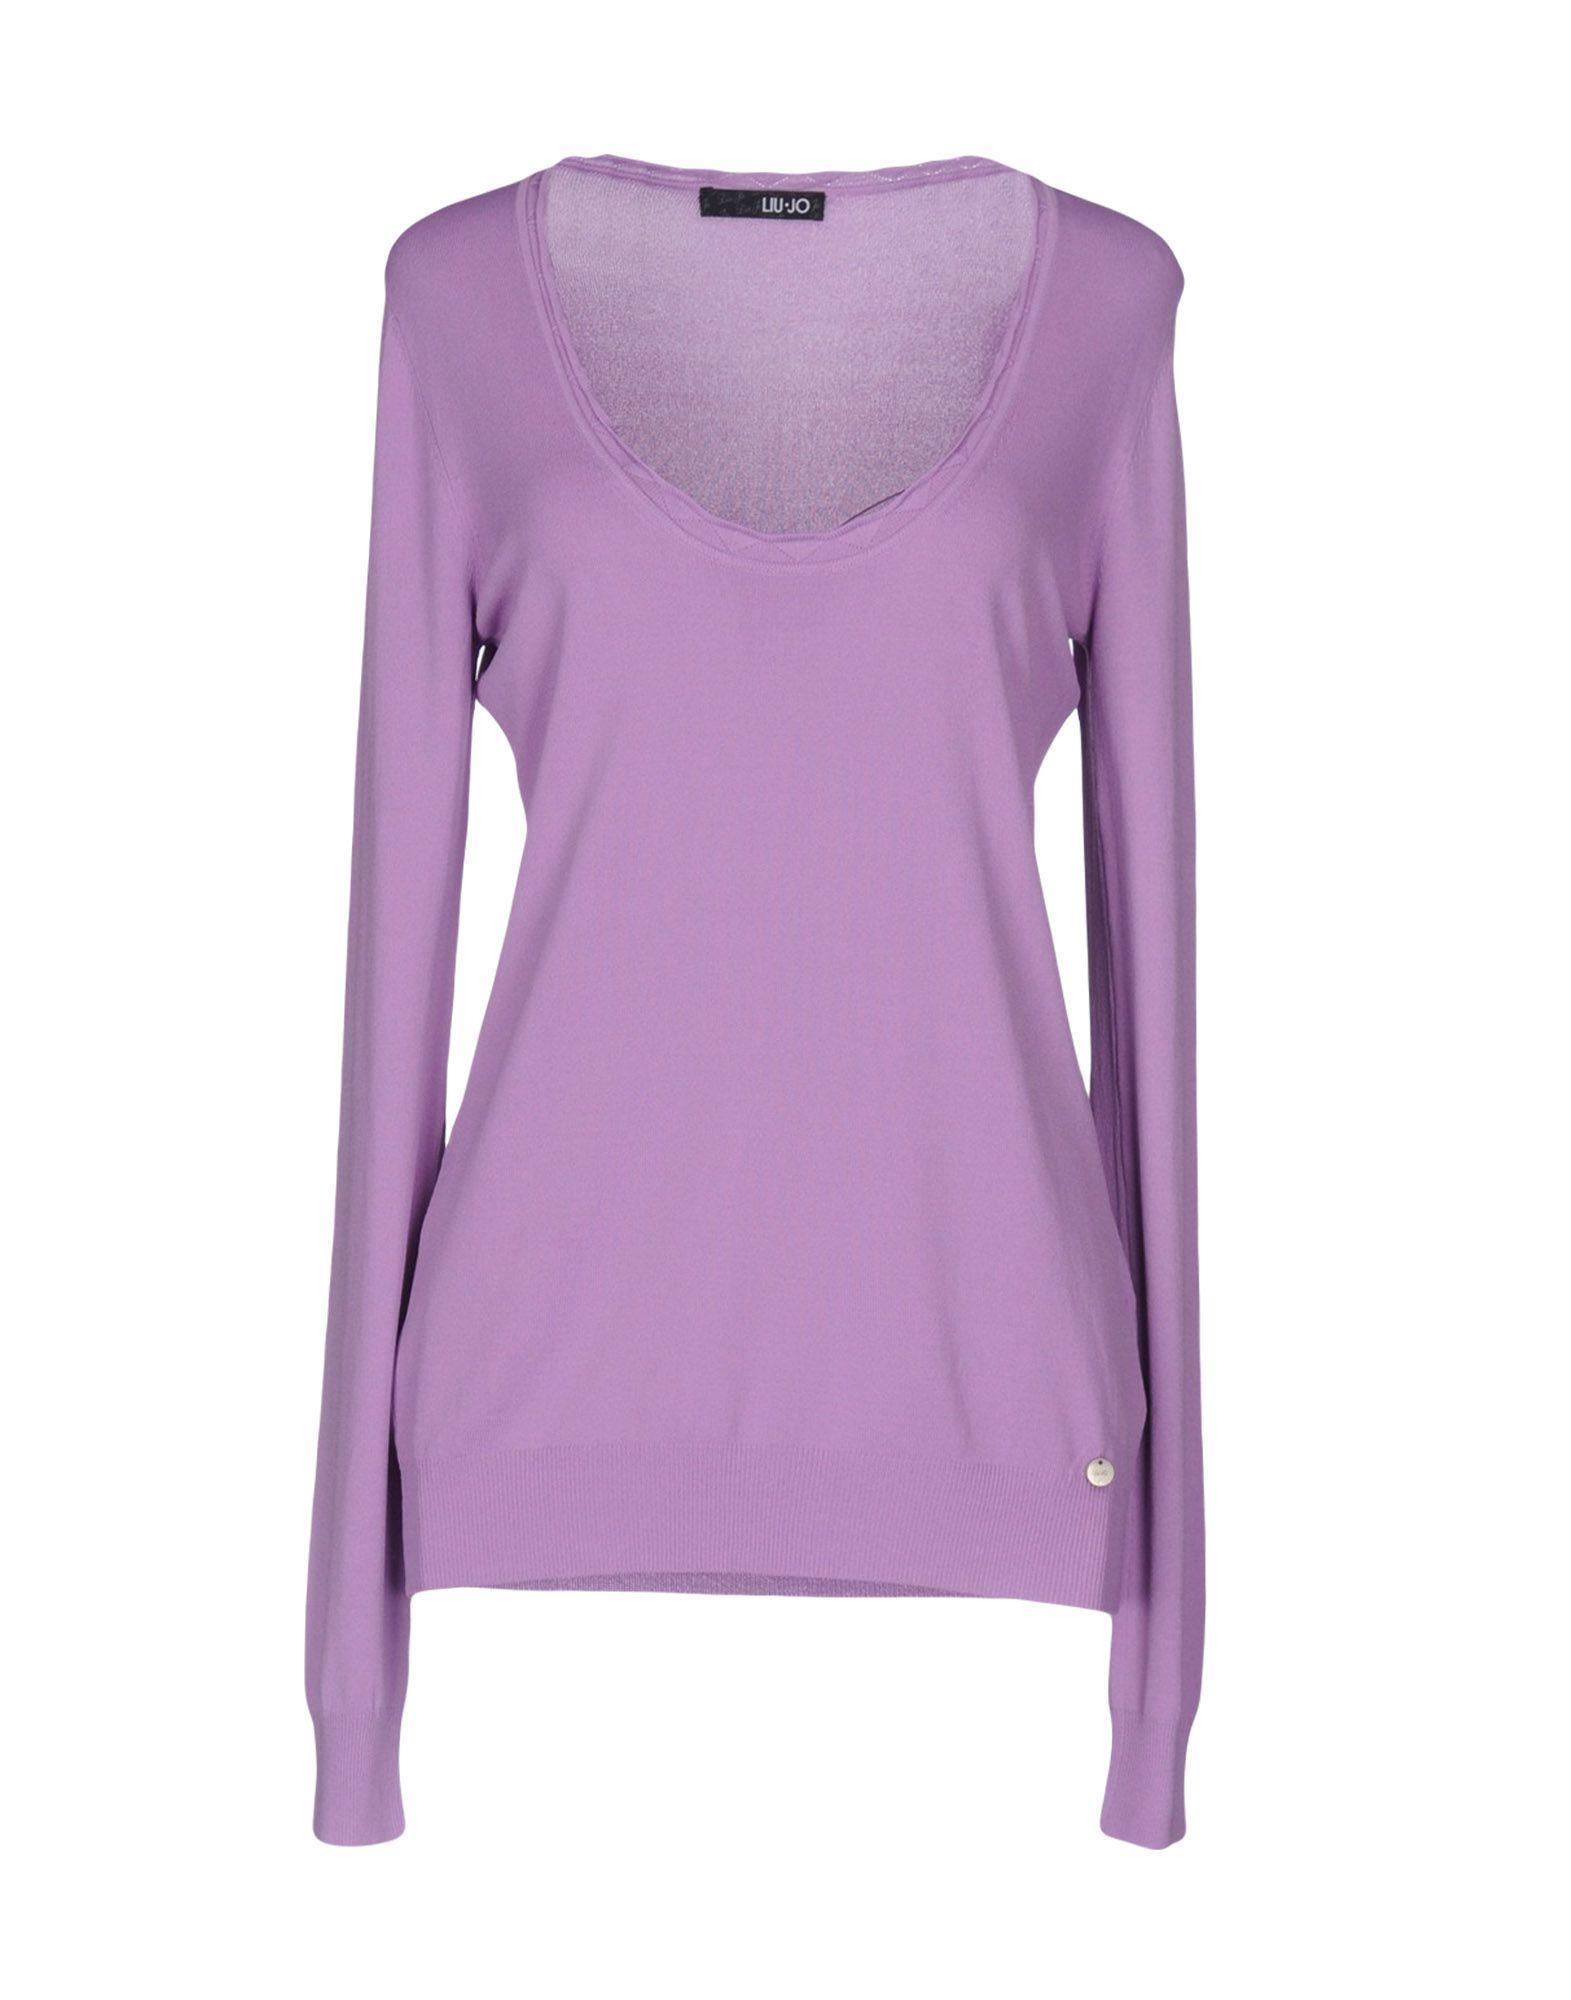 Liu •jo Sweater In Light Purple